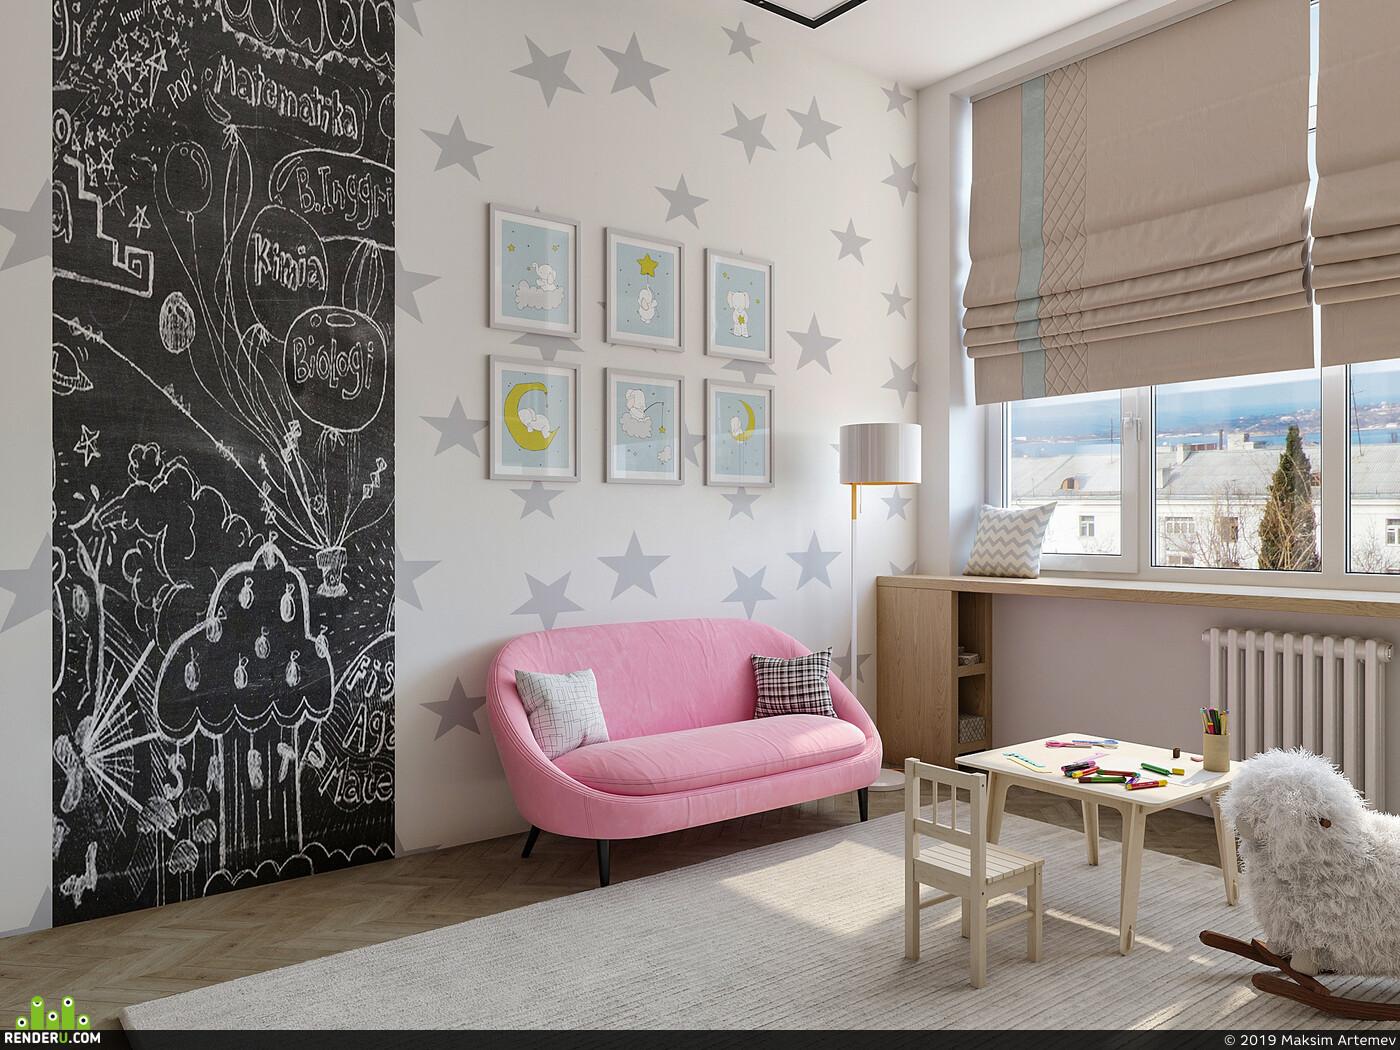 детская, детская комната, Интерьер Детская, дизайн, дизайн интерьера, интерьер, визуализация, архитектура, интерьер, корона, дизайнинтерьера, Интерьерная визуализация, визуализация интерьеров